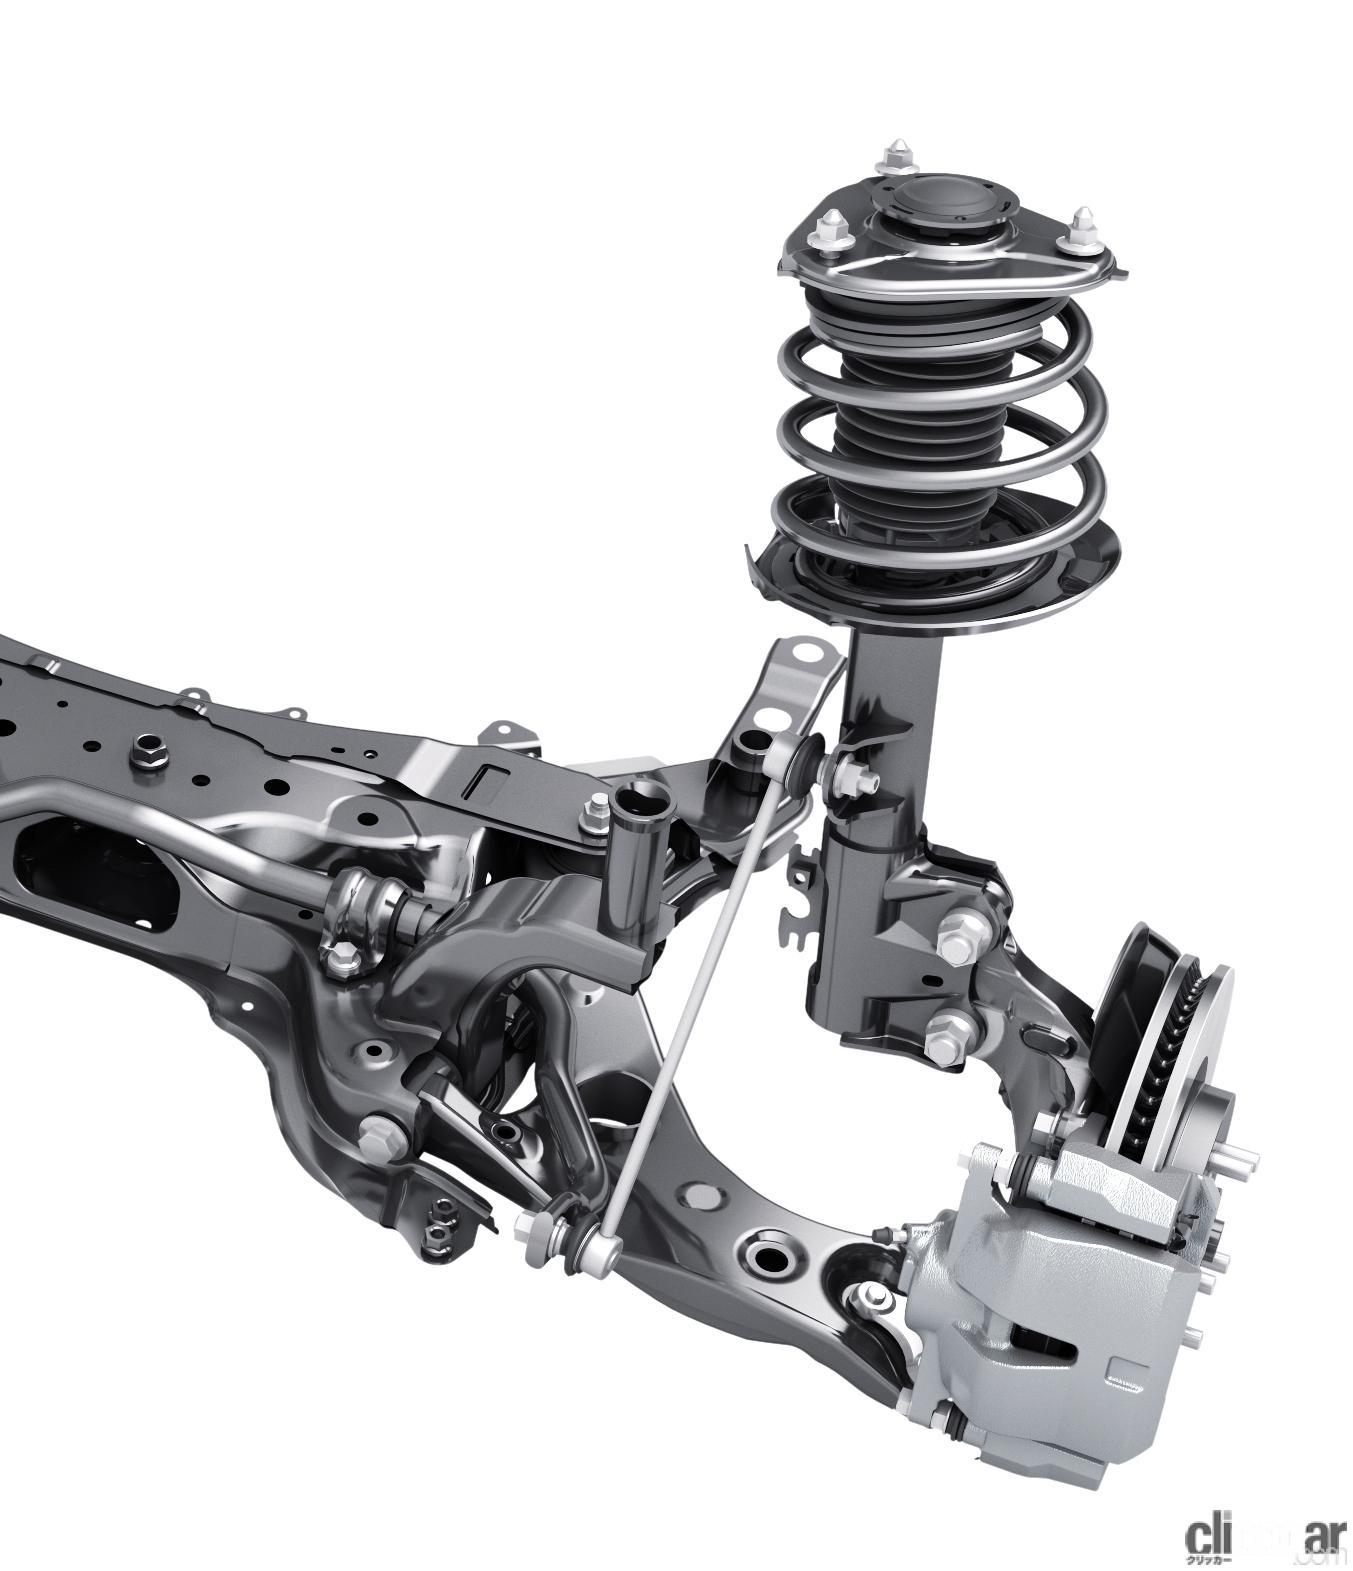 「トヨタ新型カローラ クロス発売。ボディサイズやラゲッジスペースはC-HRとどう違う?」の10枚目の画像